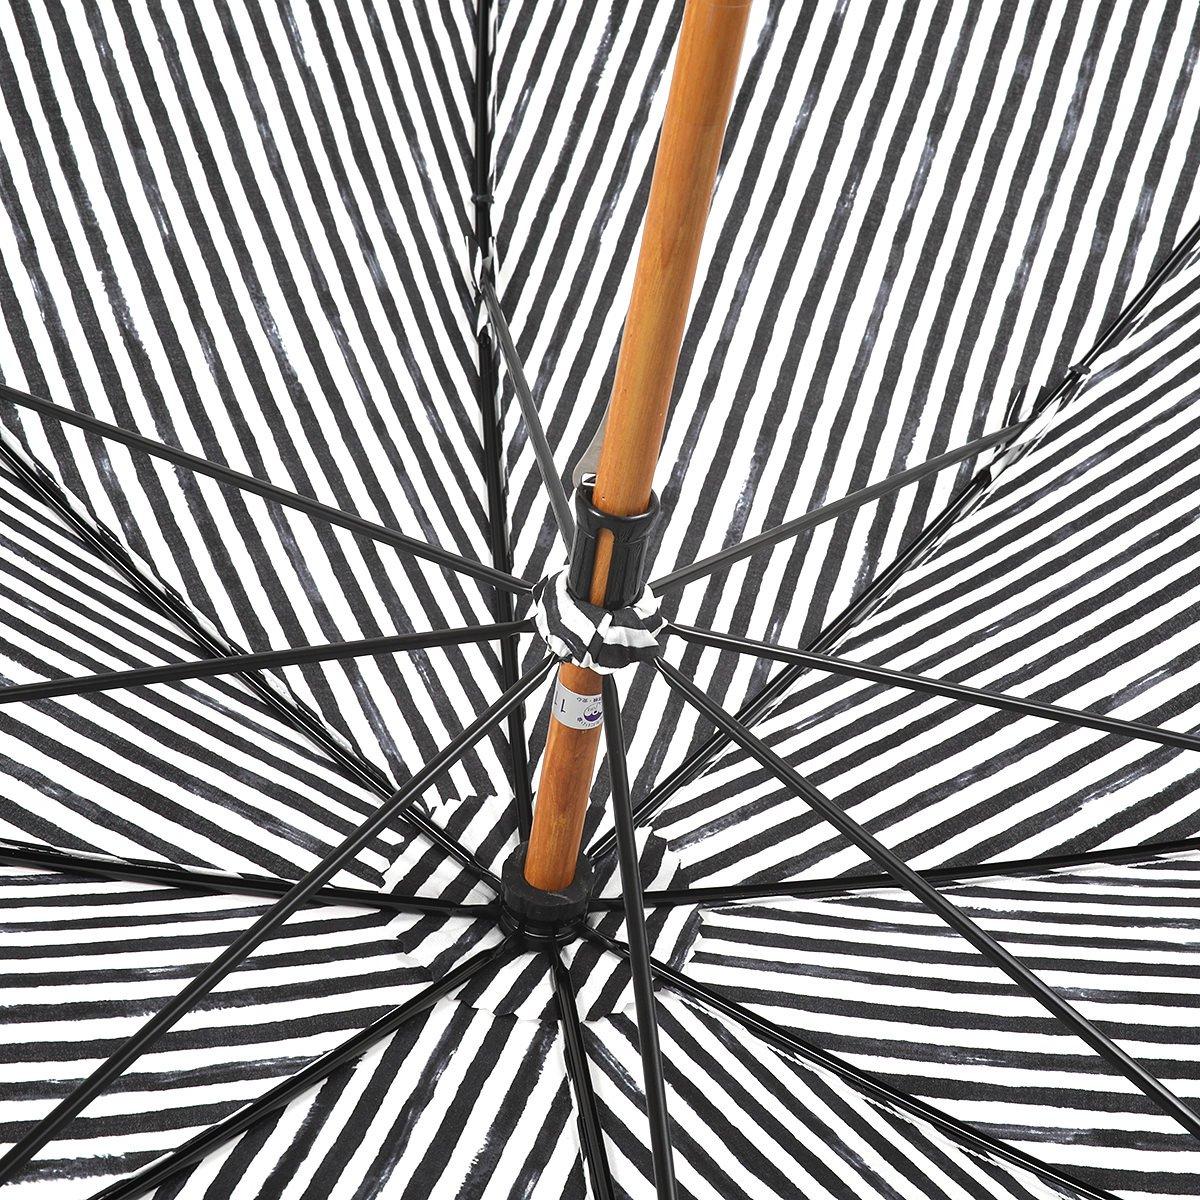 【晴雨兼用傘】レディース 手書き風 ストライプ柄 長傘 詳細画像6